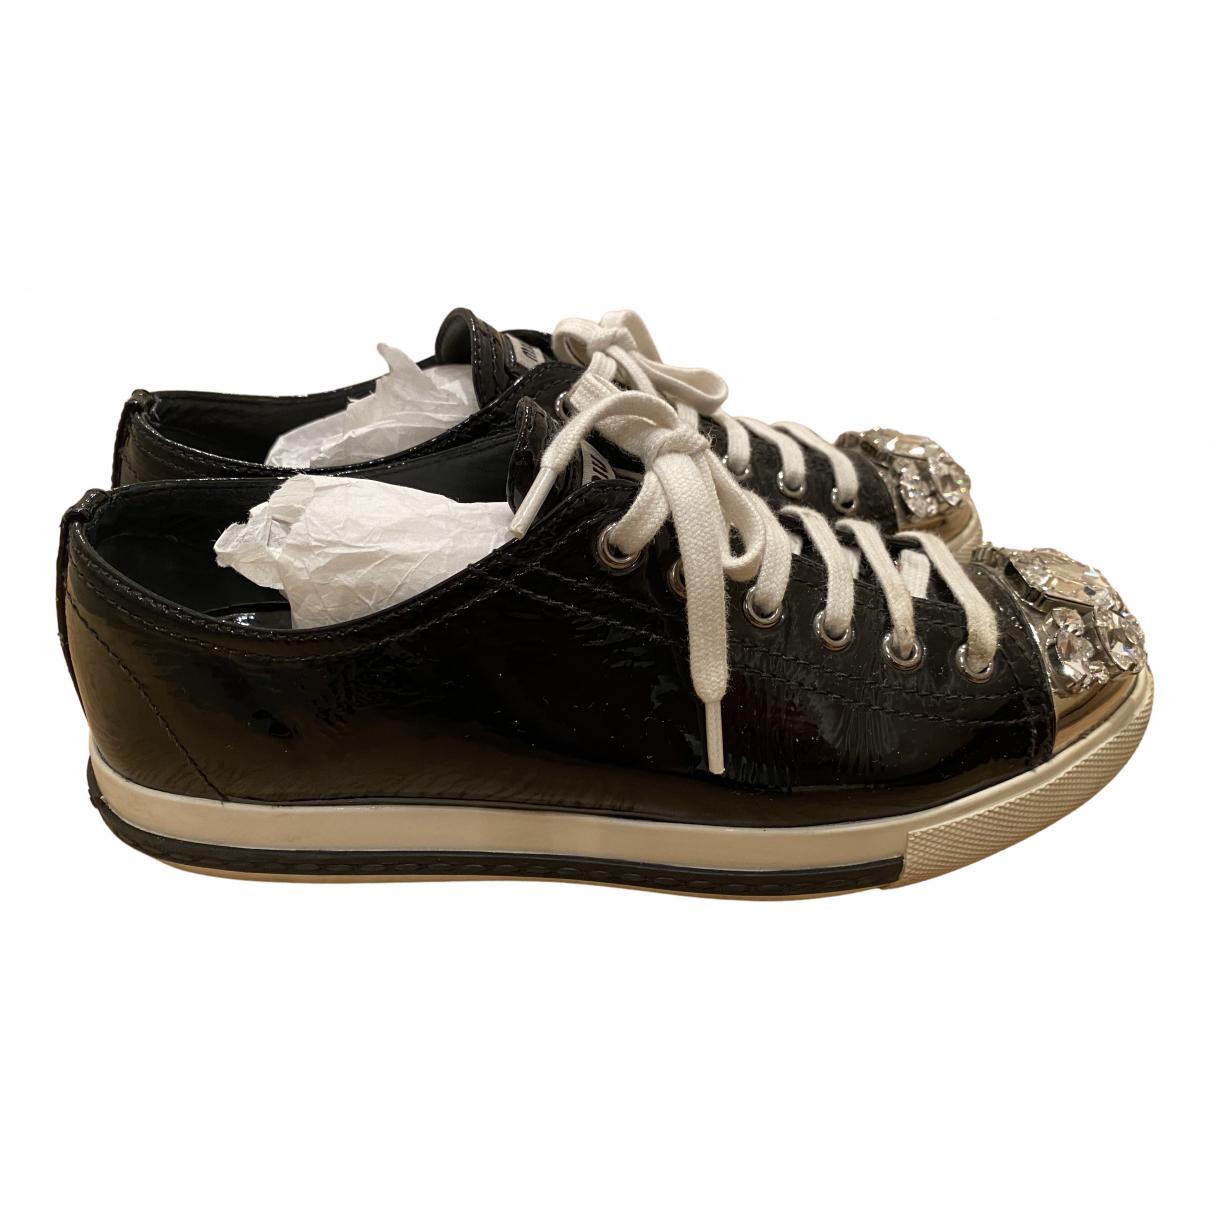 Miu Miu N Black Patent leather Trainers for Women 37 EU